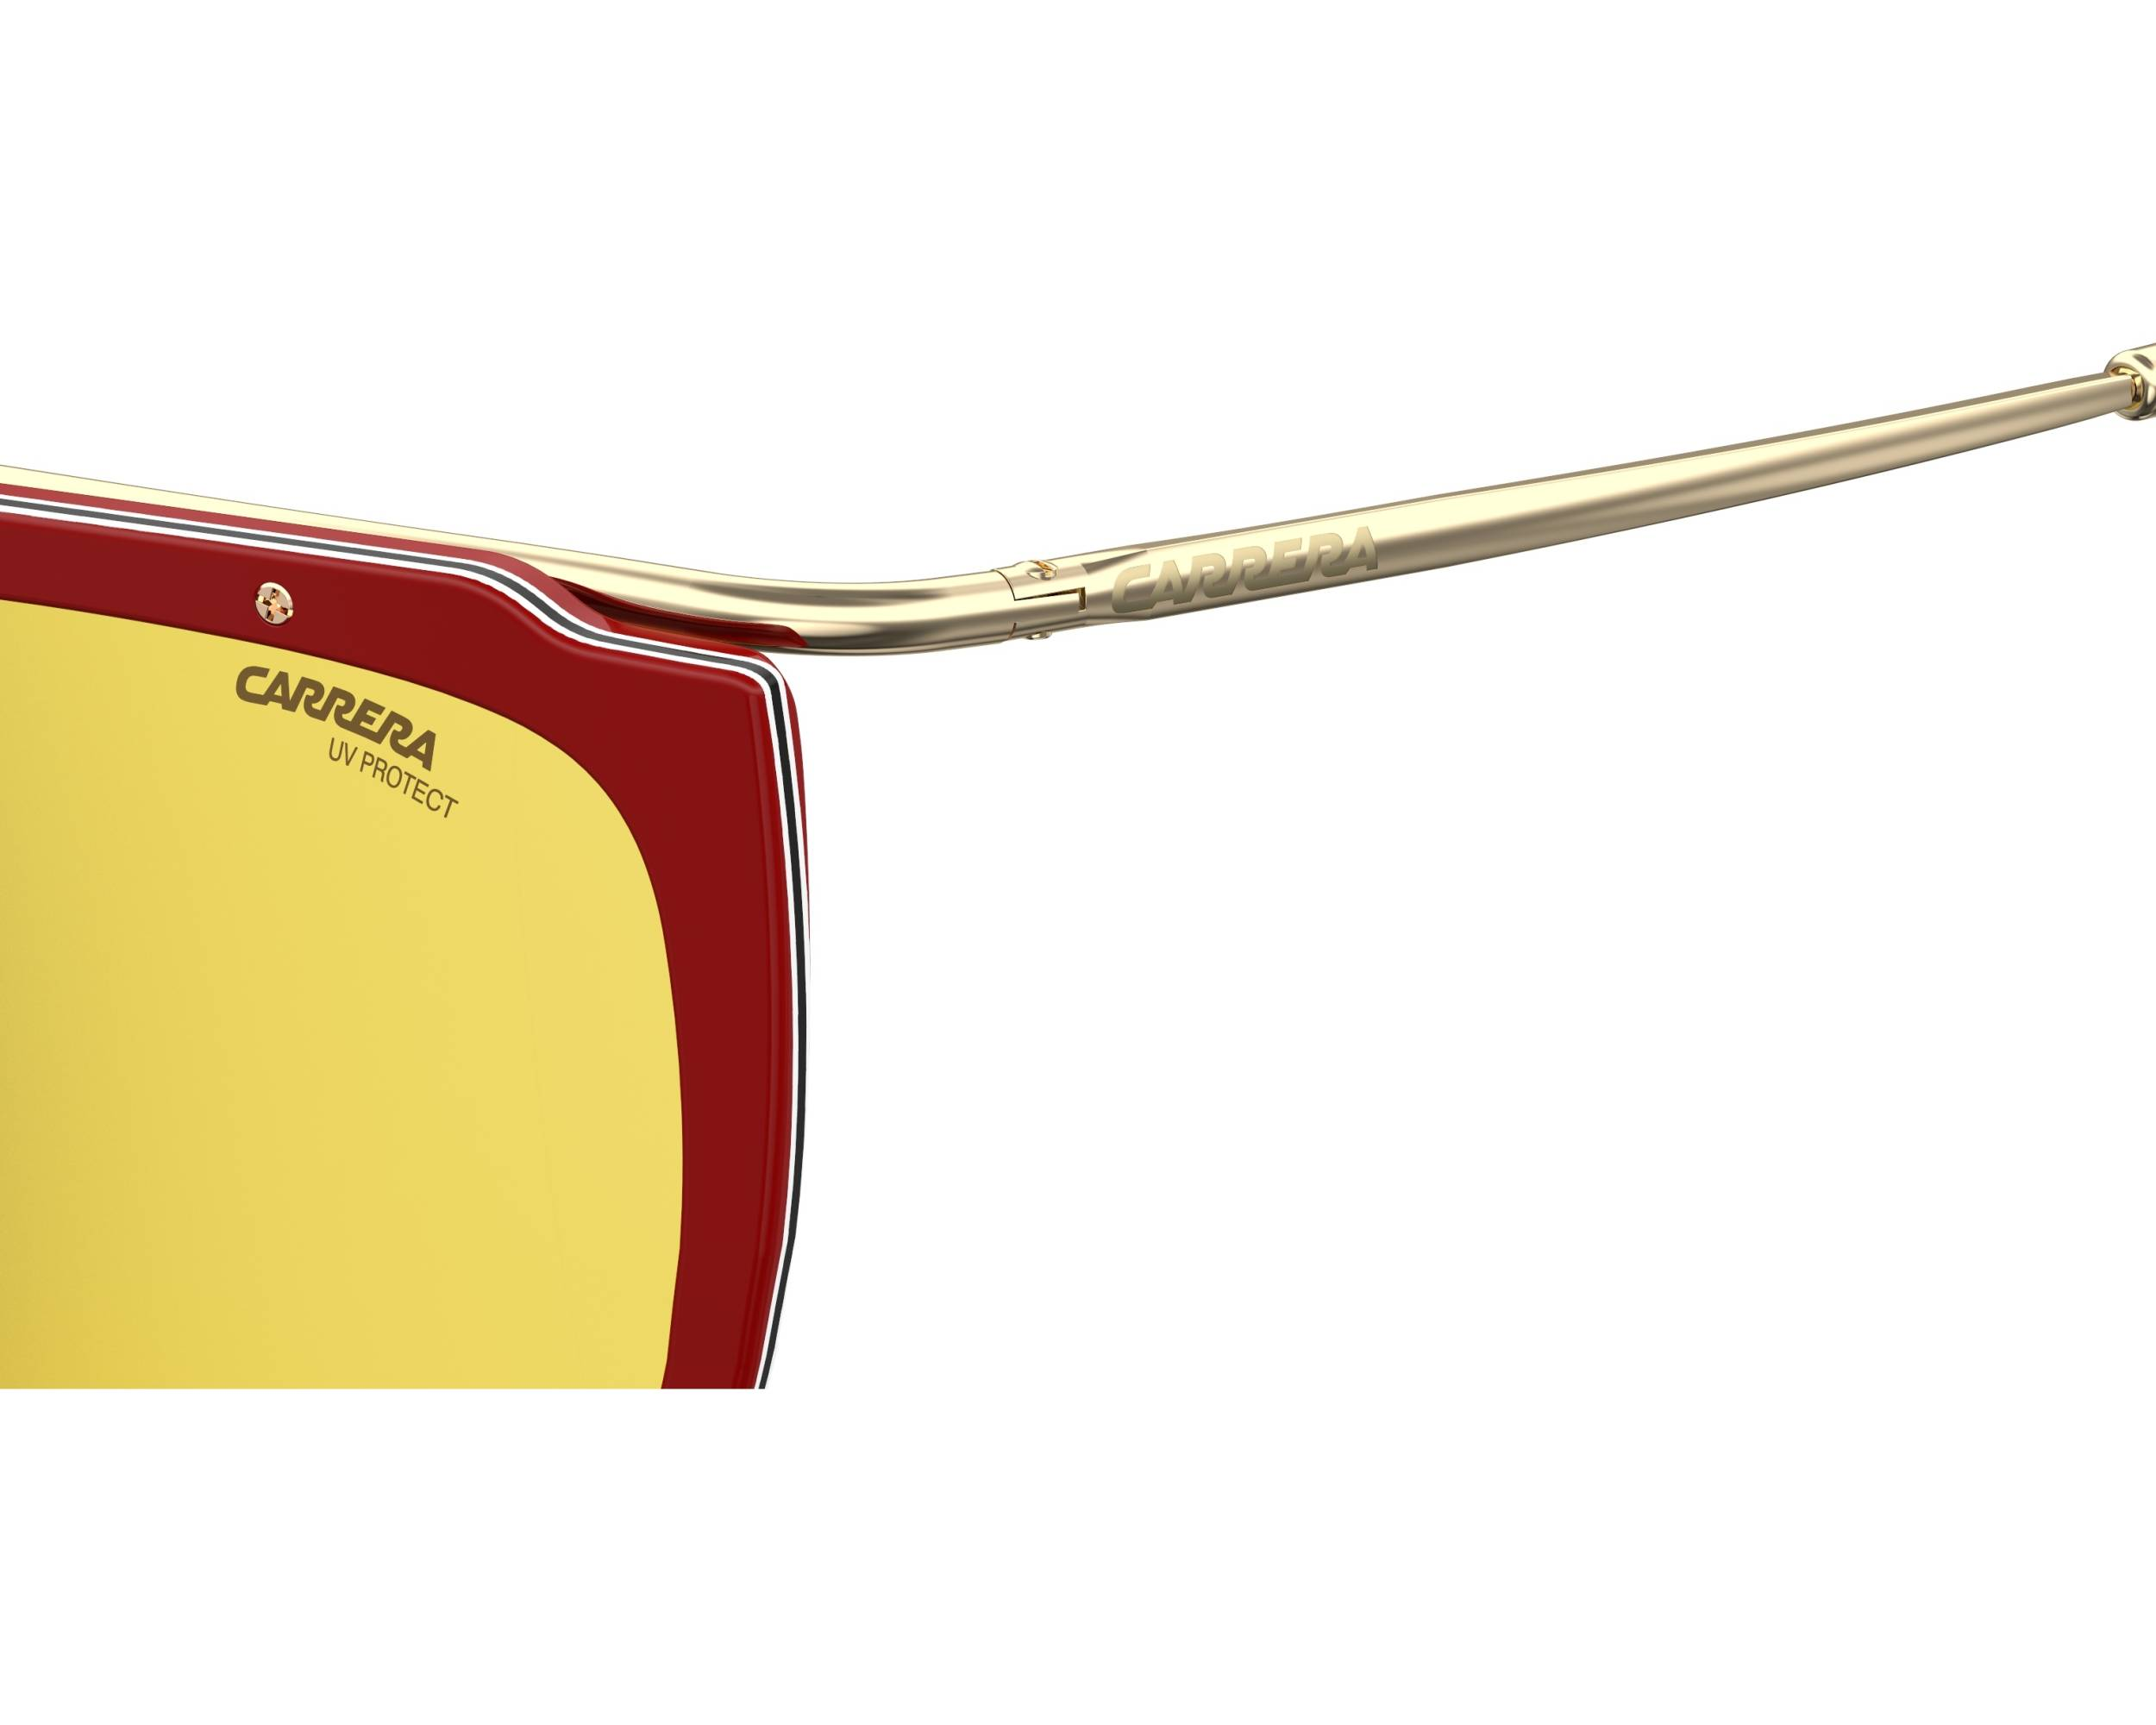 080caebd3524 Sunglasses Carrera 1023-S AU2HW 60-15 Red Gold side view